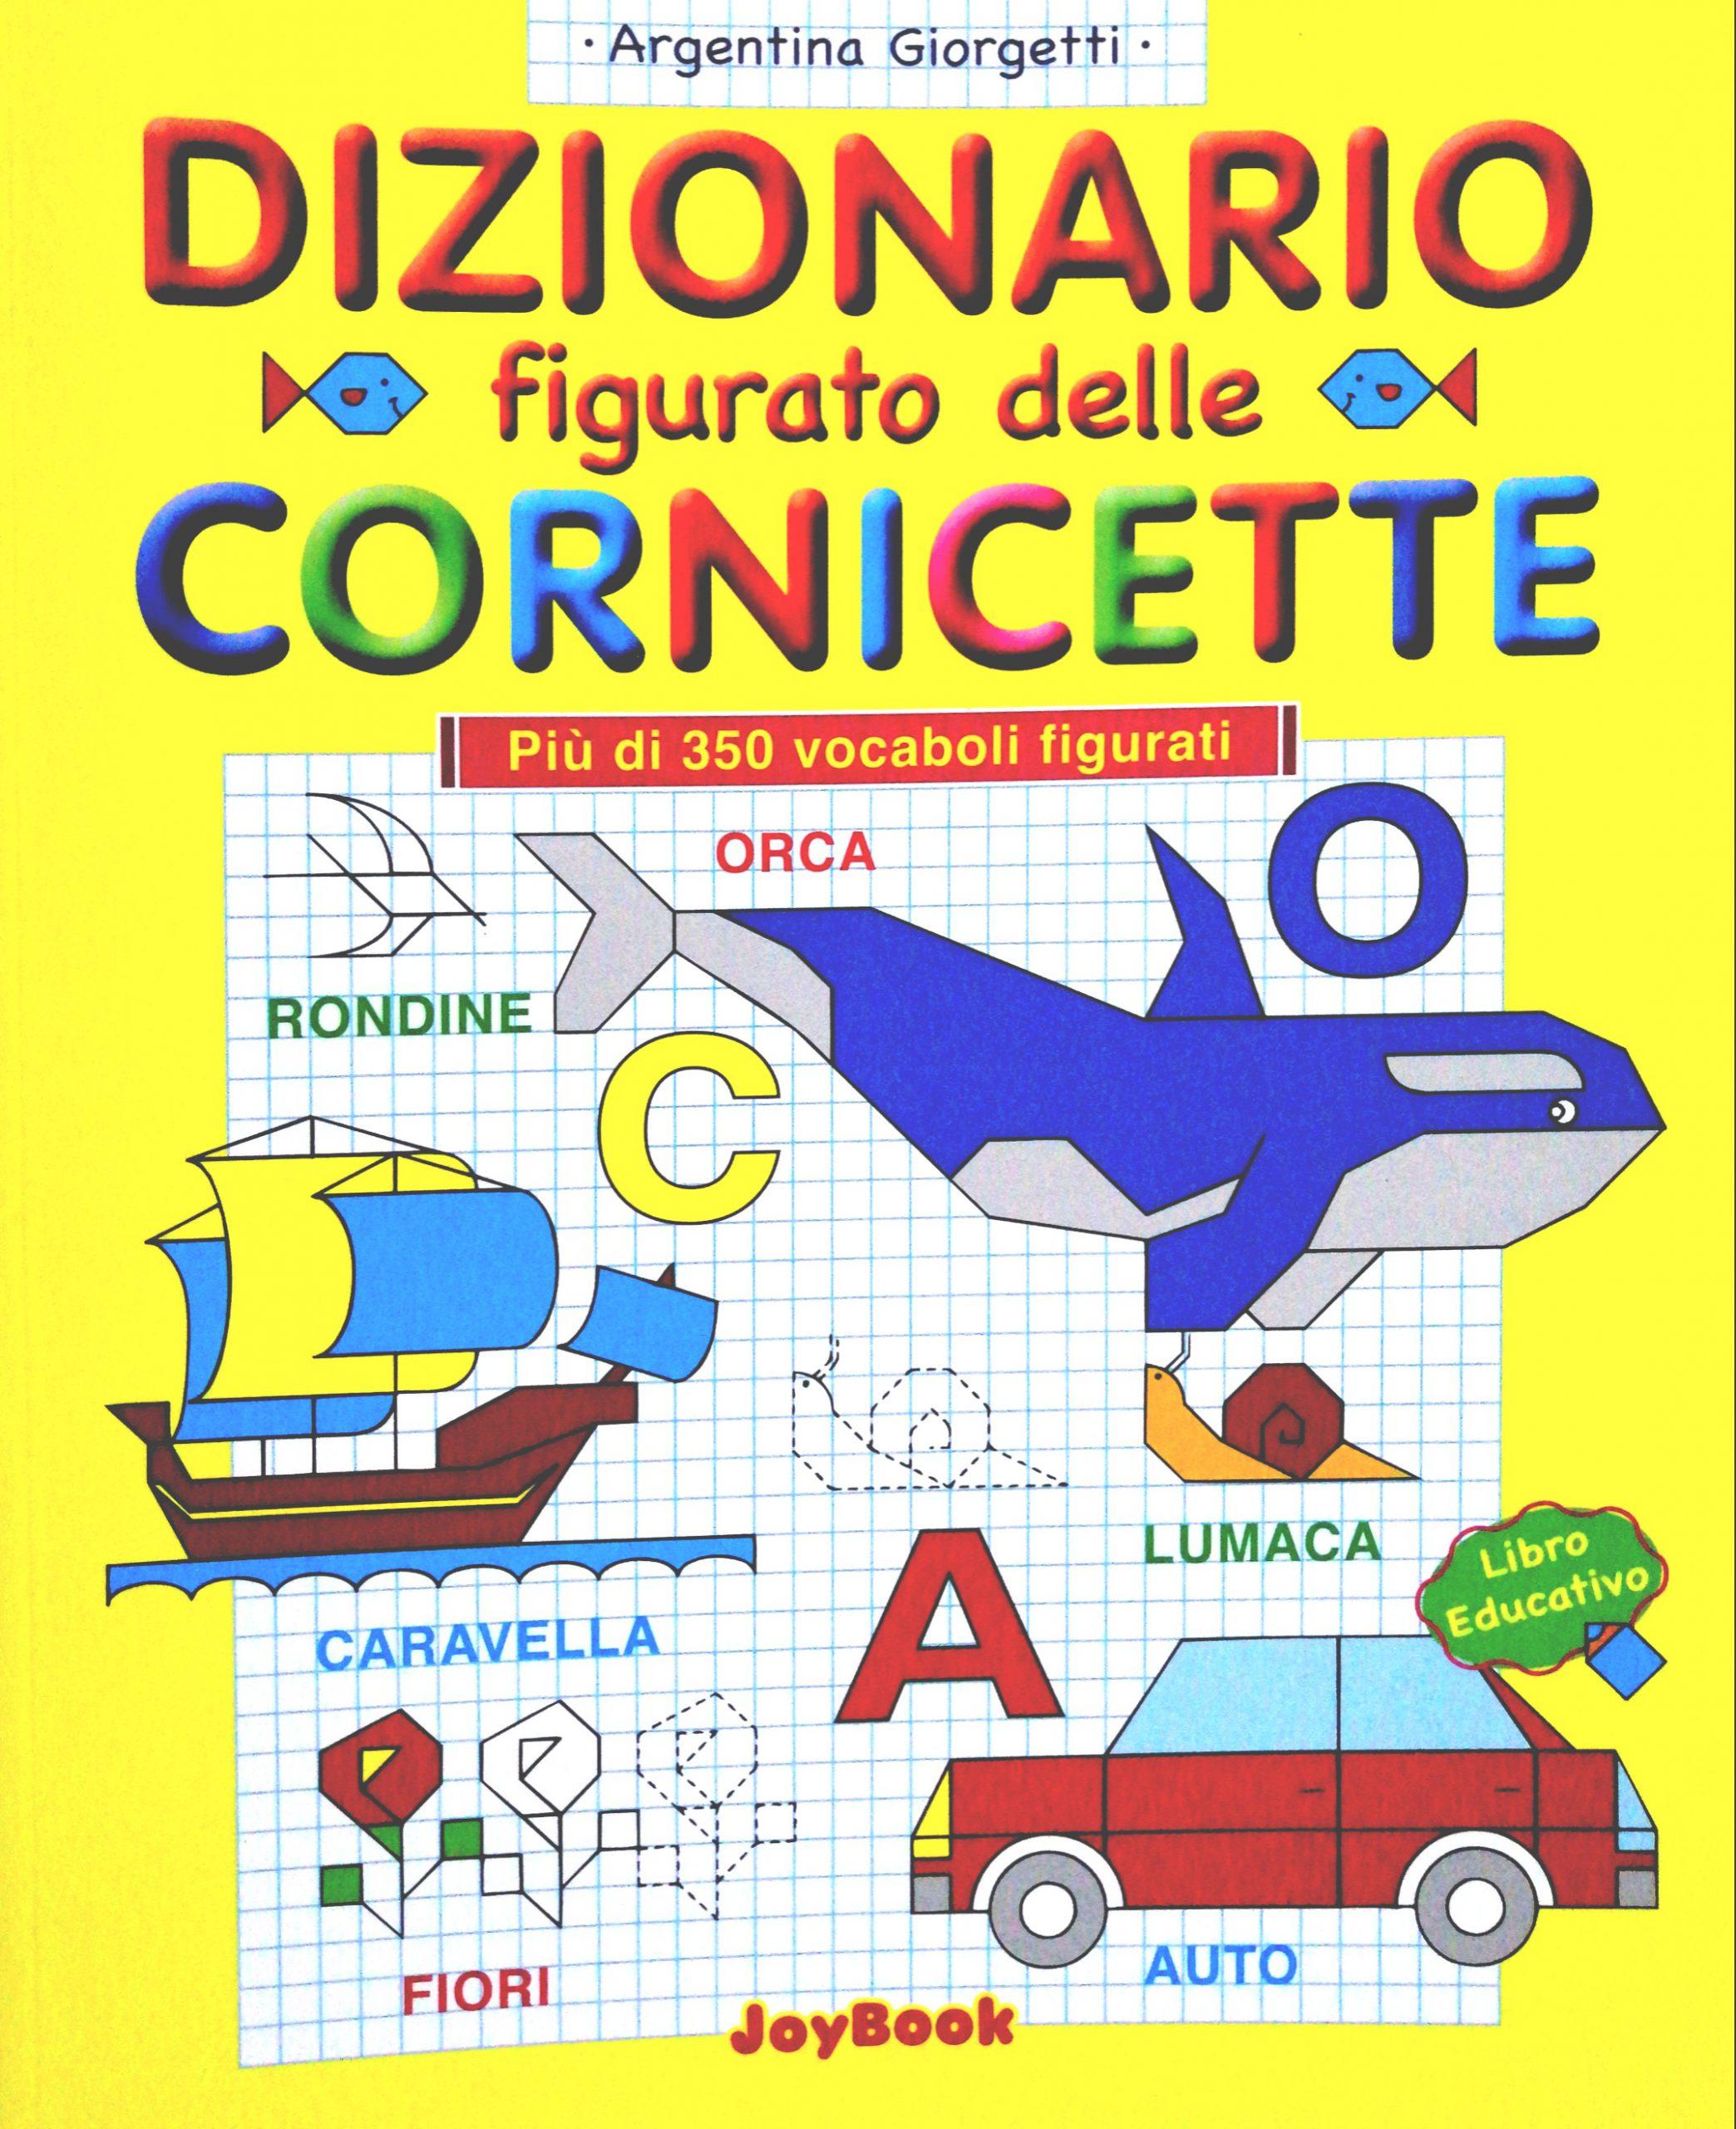 DIZIONARIO DELLE CORNICETTE